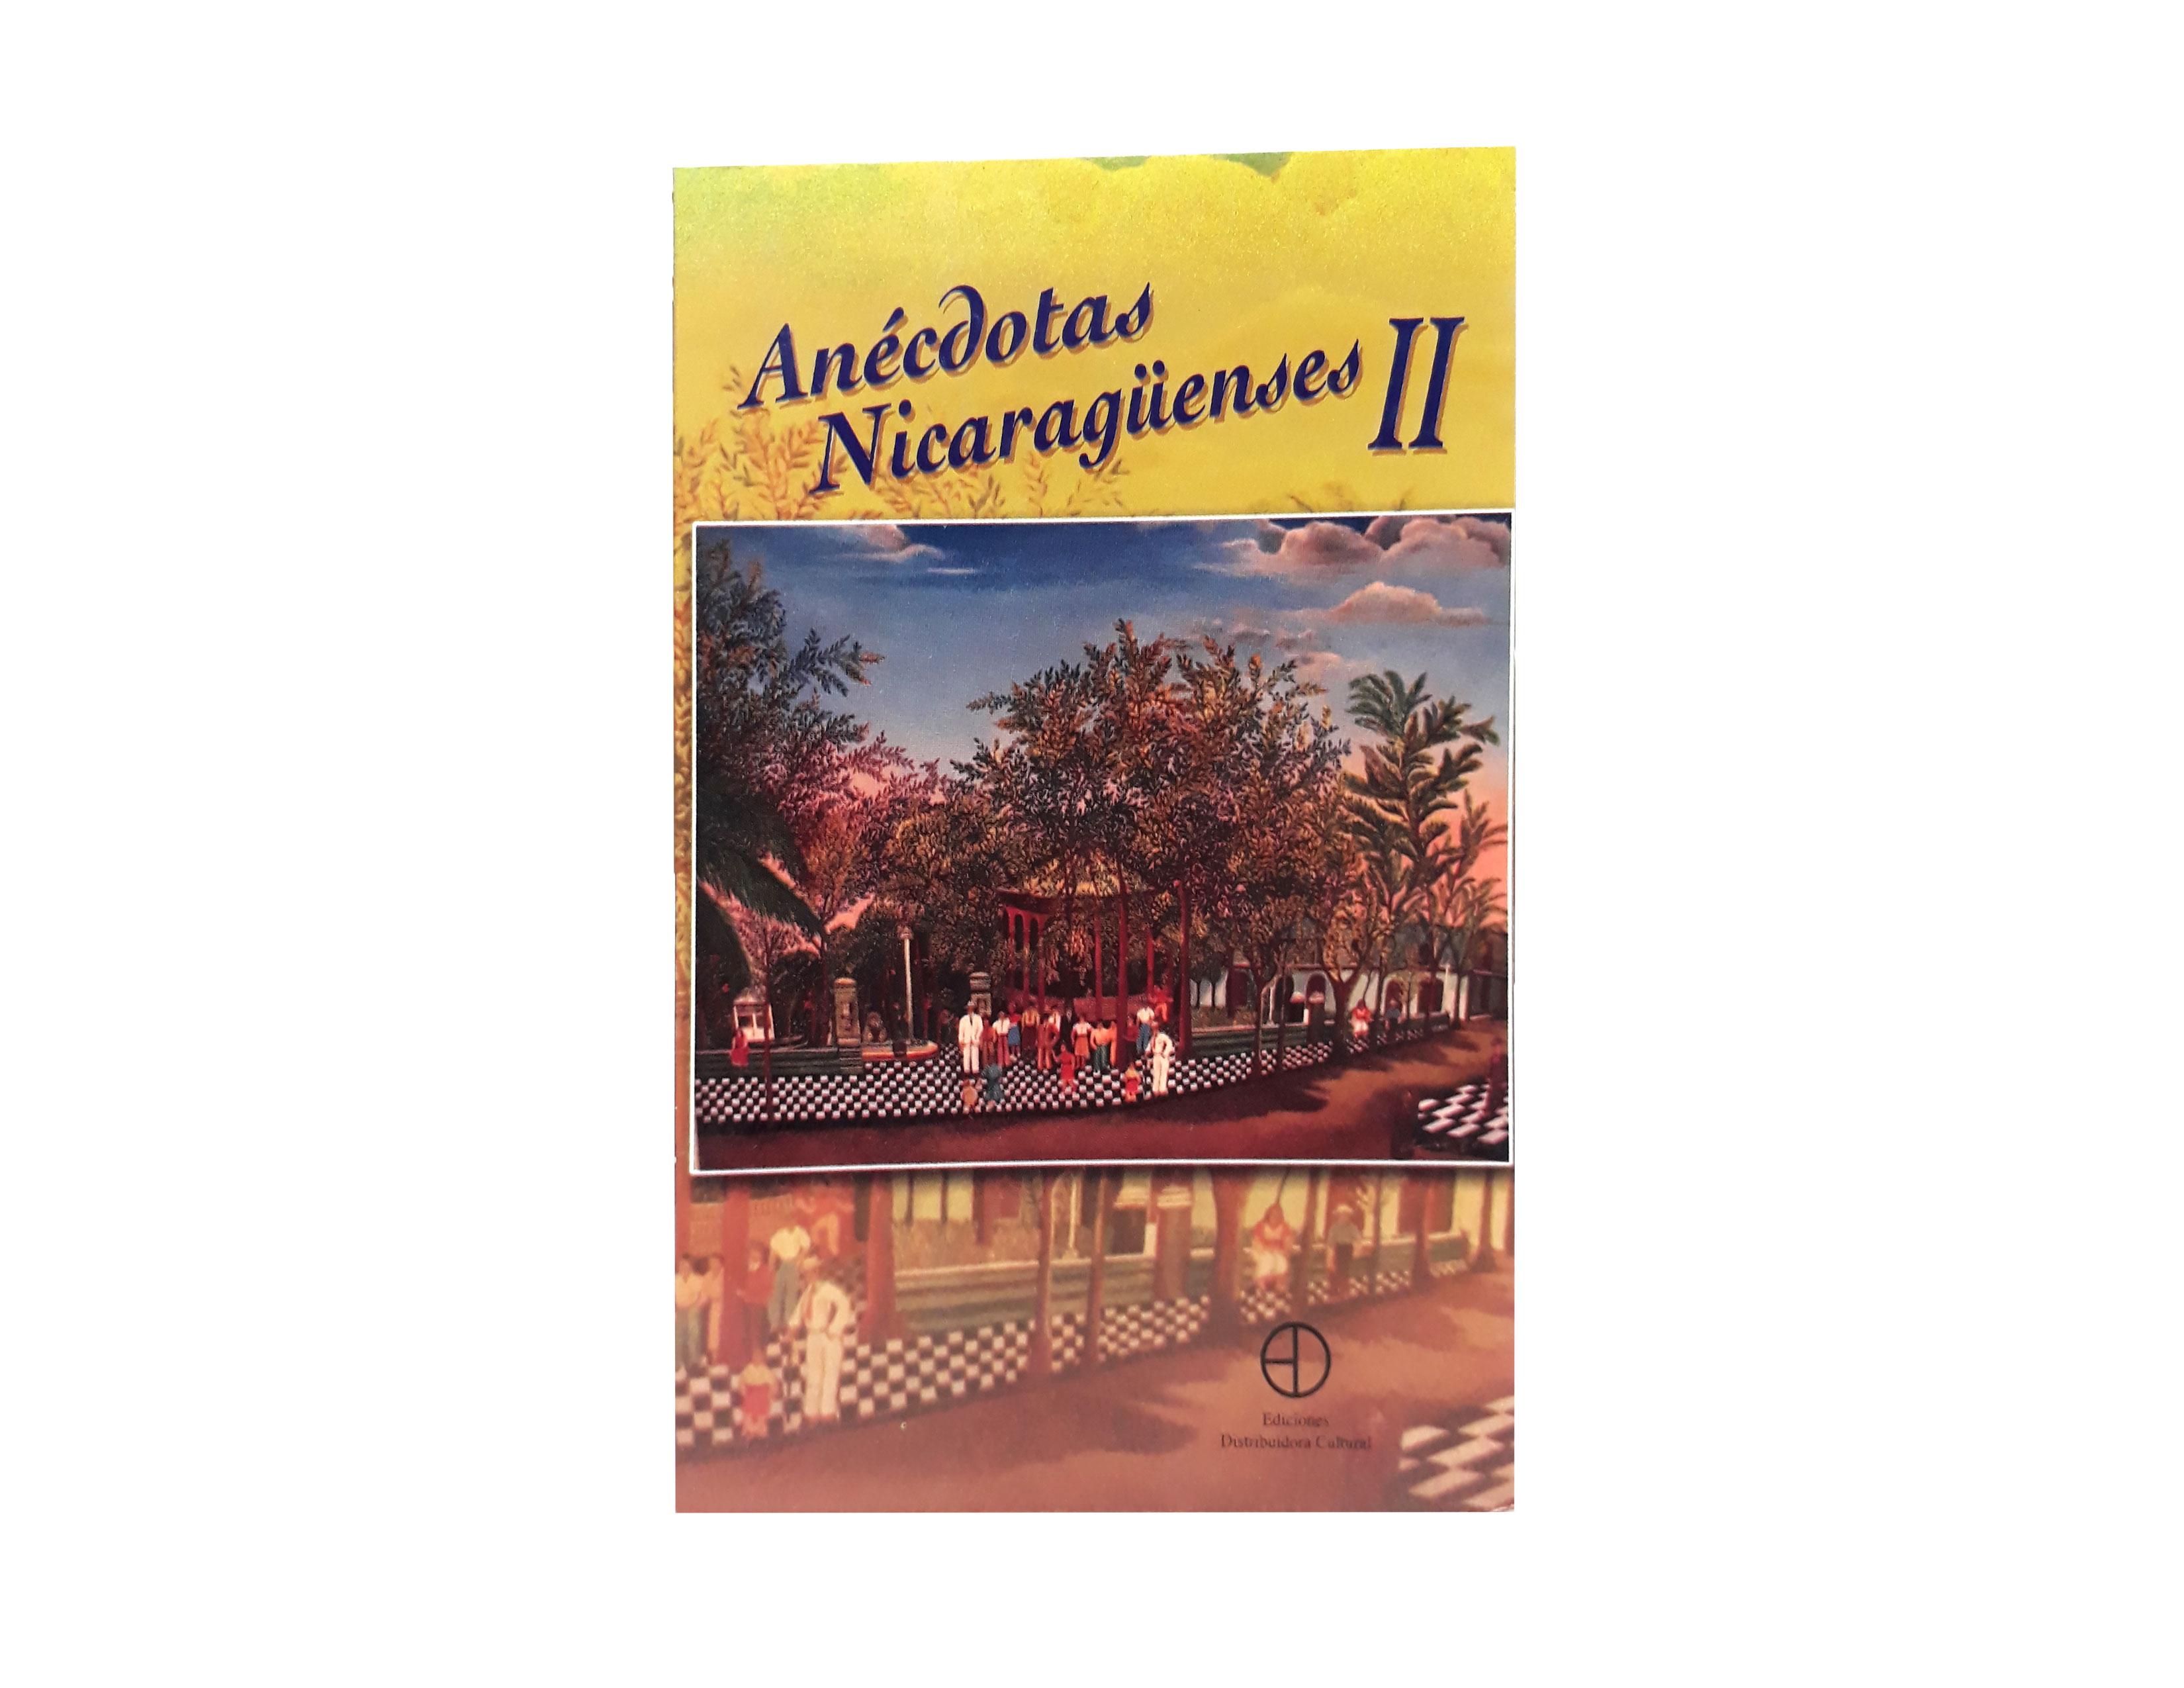 ANECDOTAS NICARAGUENSES II